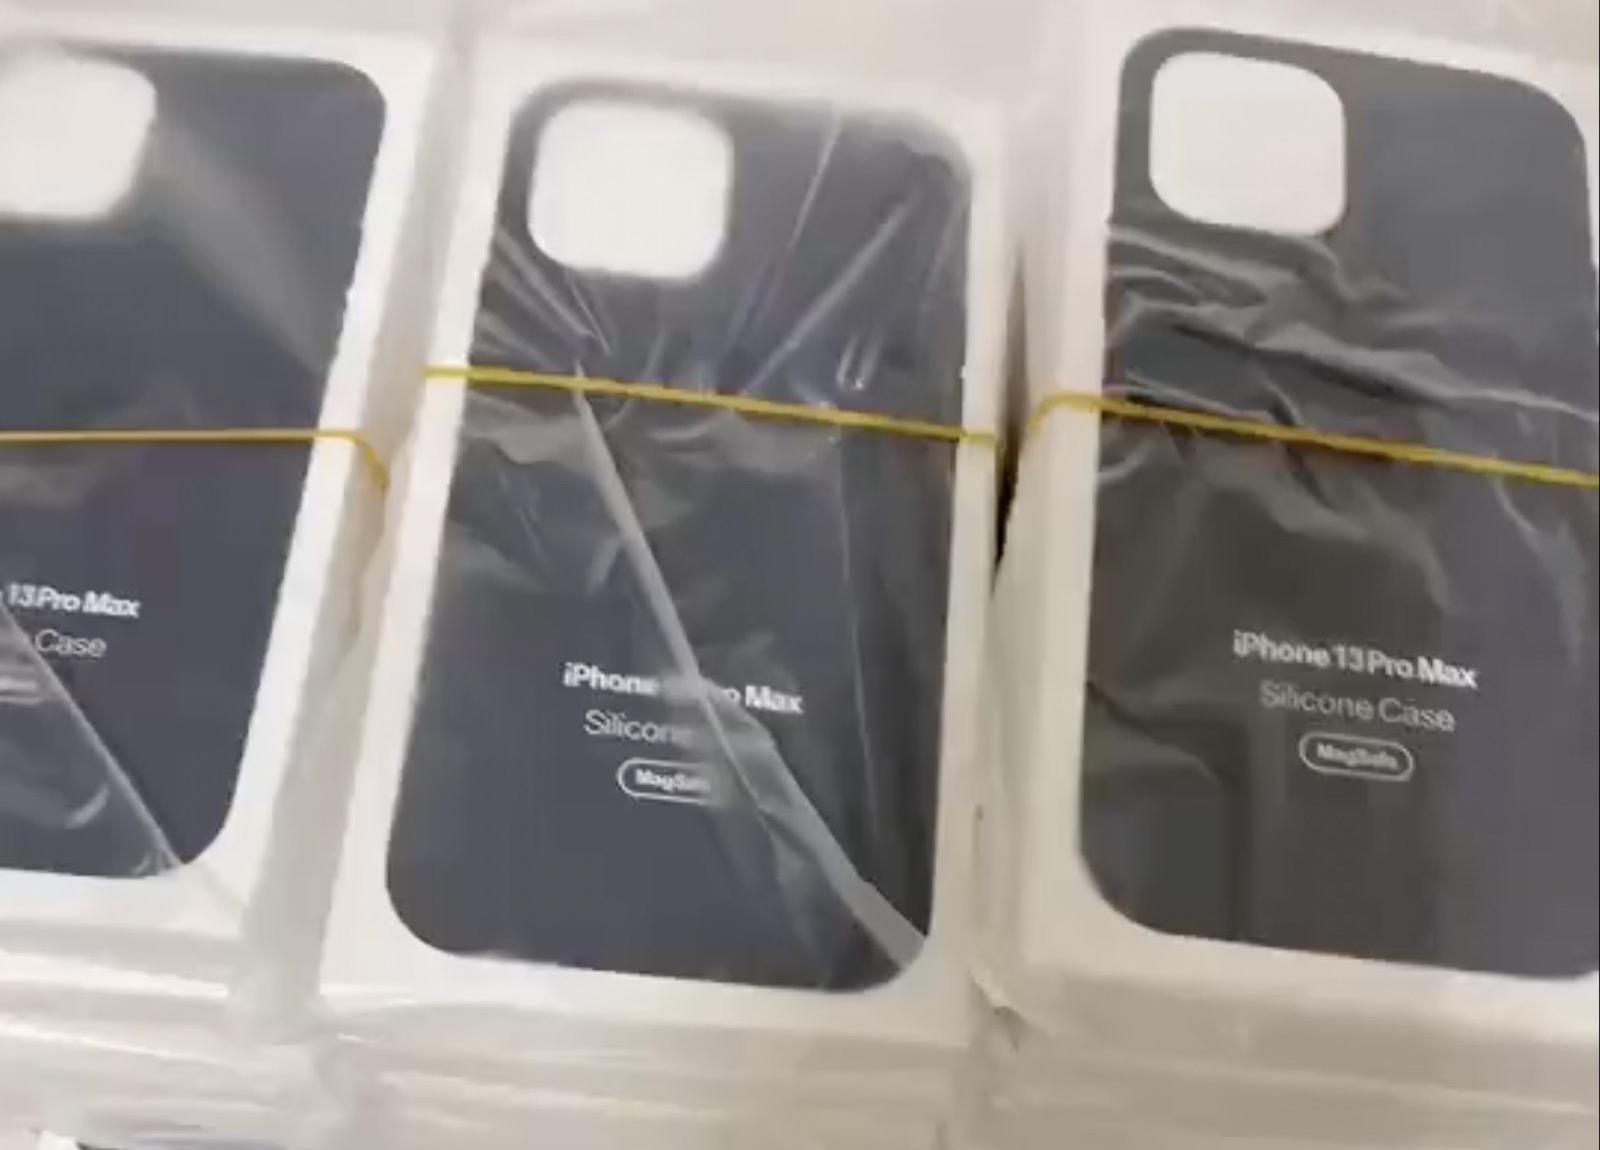 Iphone13promax silicone case